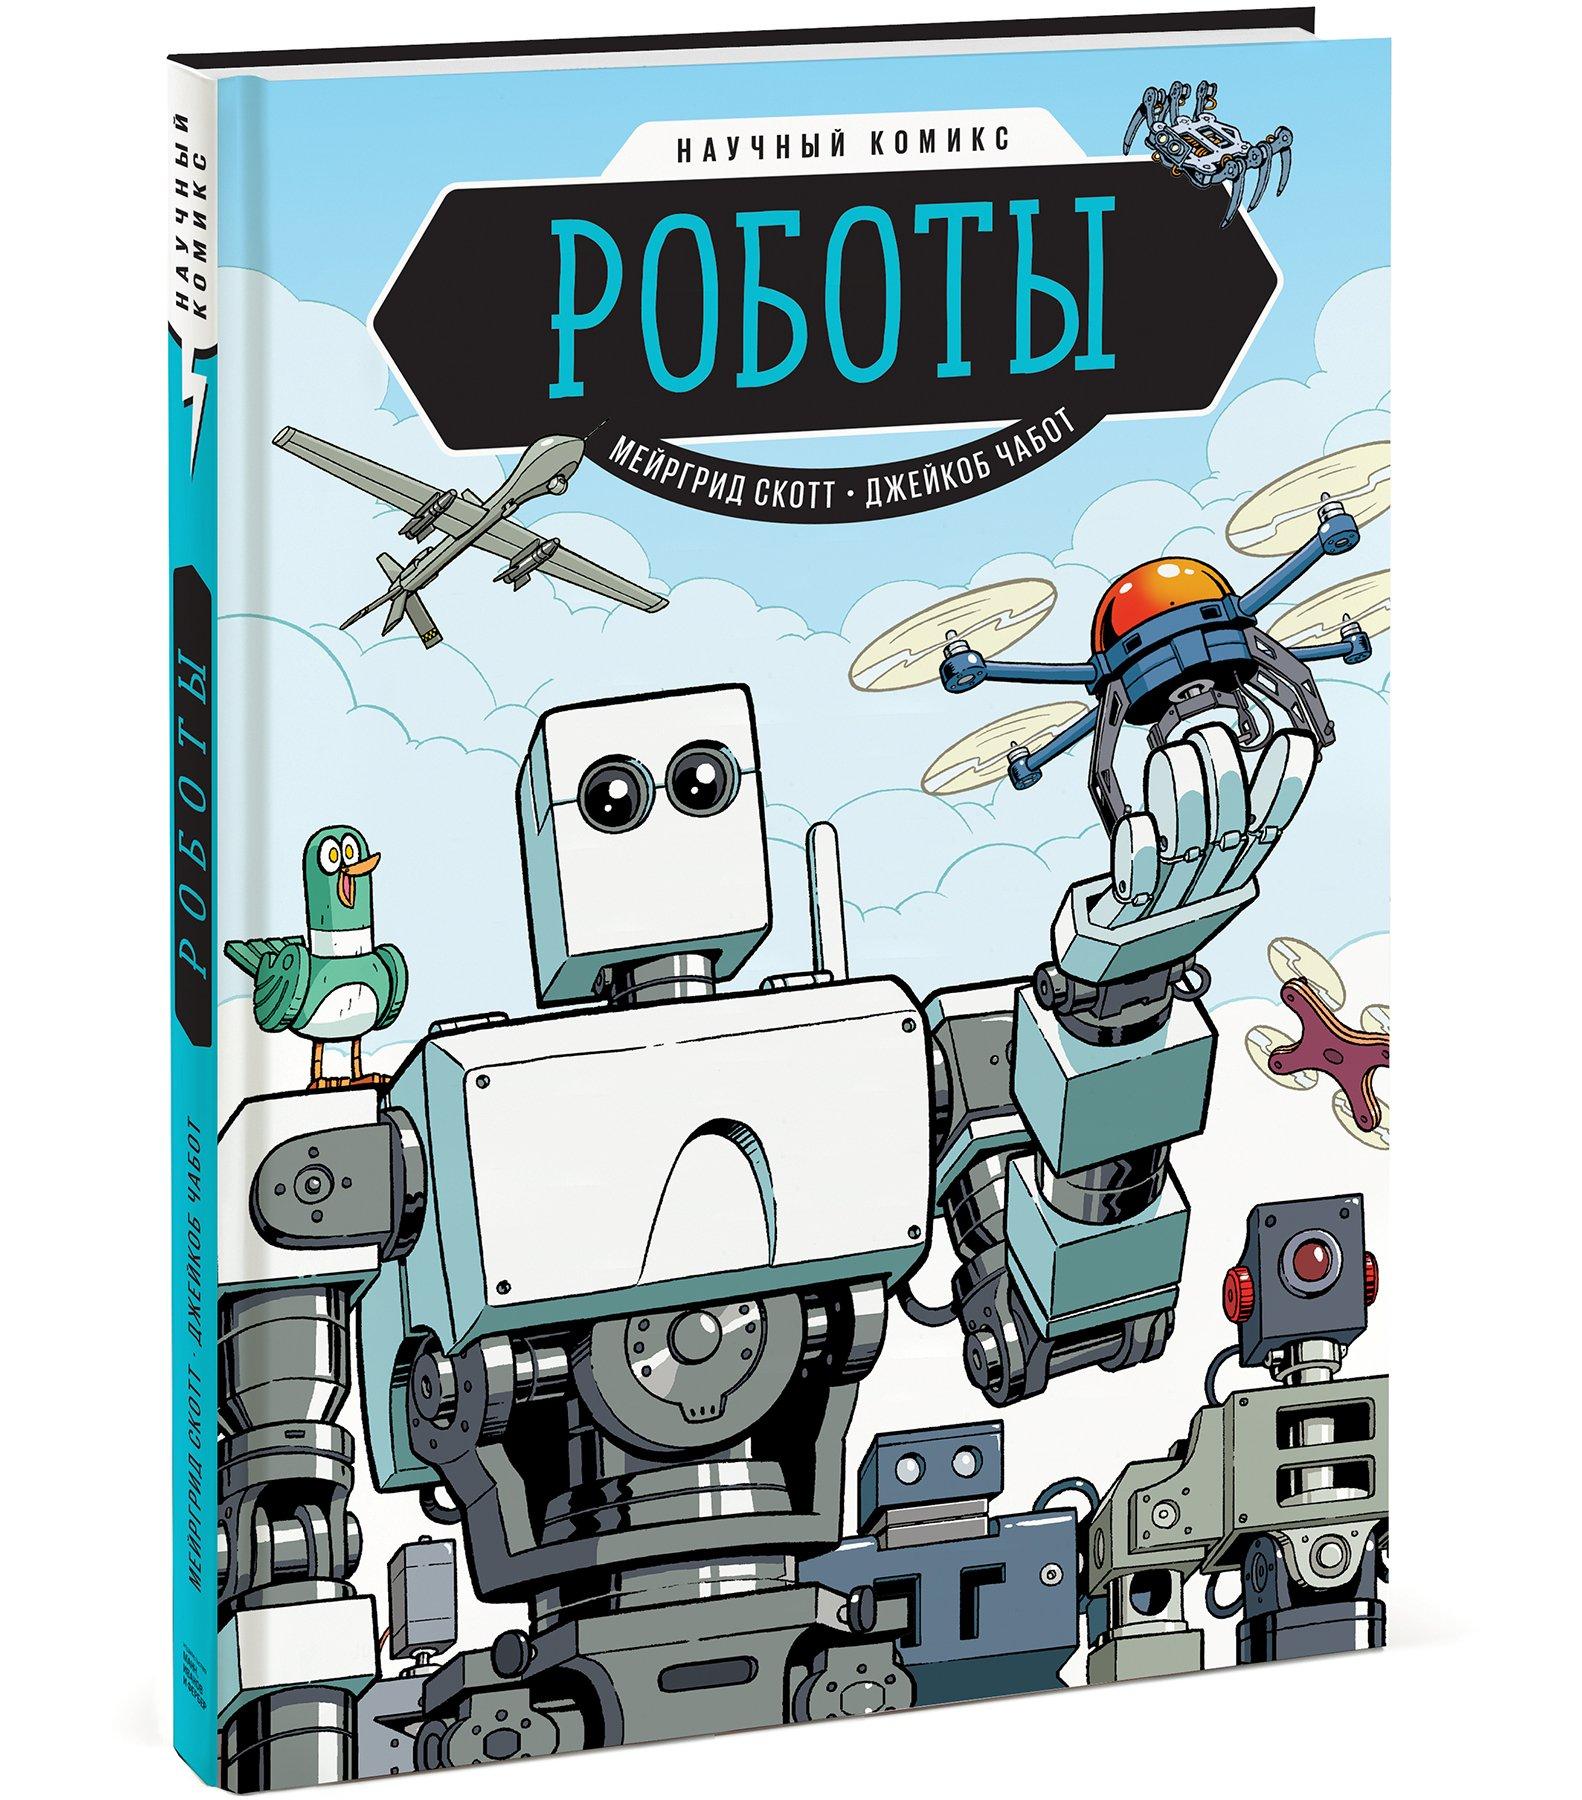 Мейргрид Скотт Роботы. Научный комикс